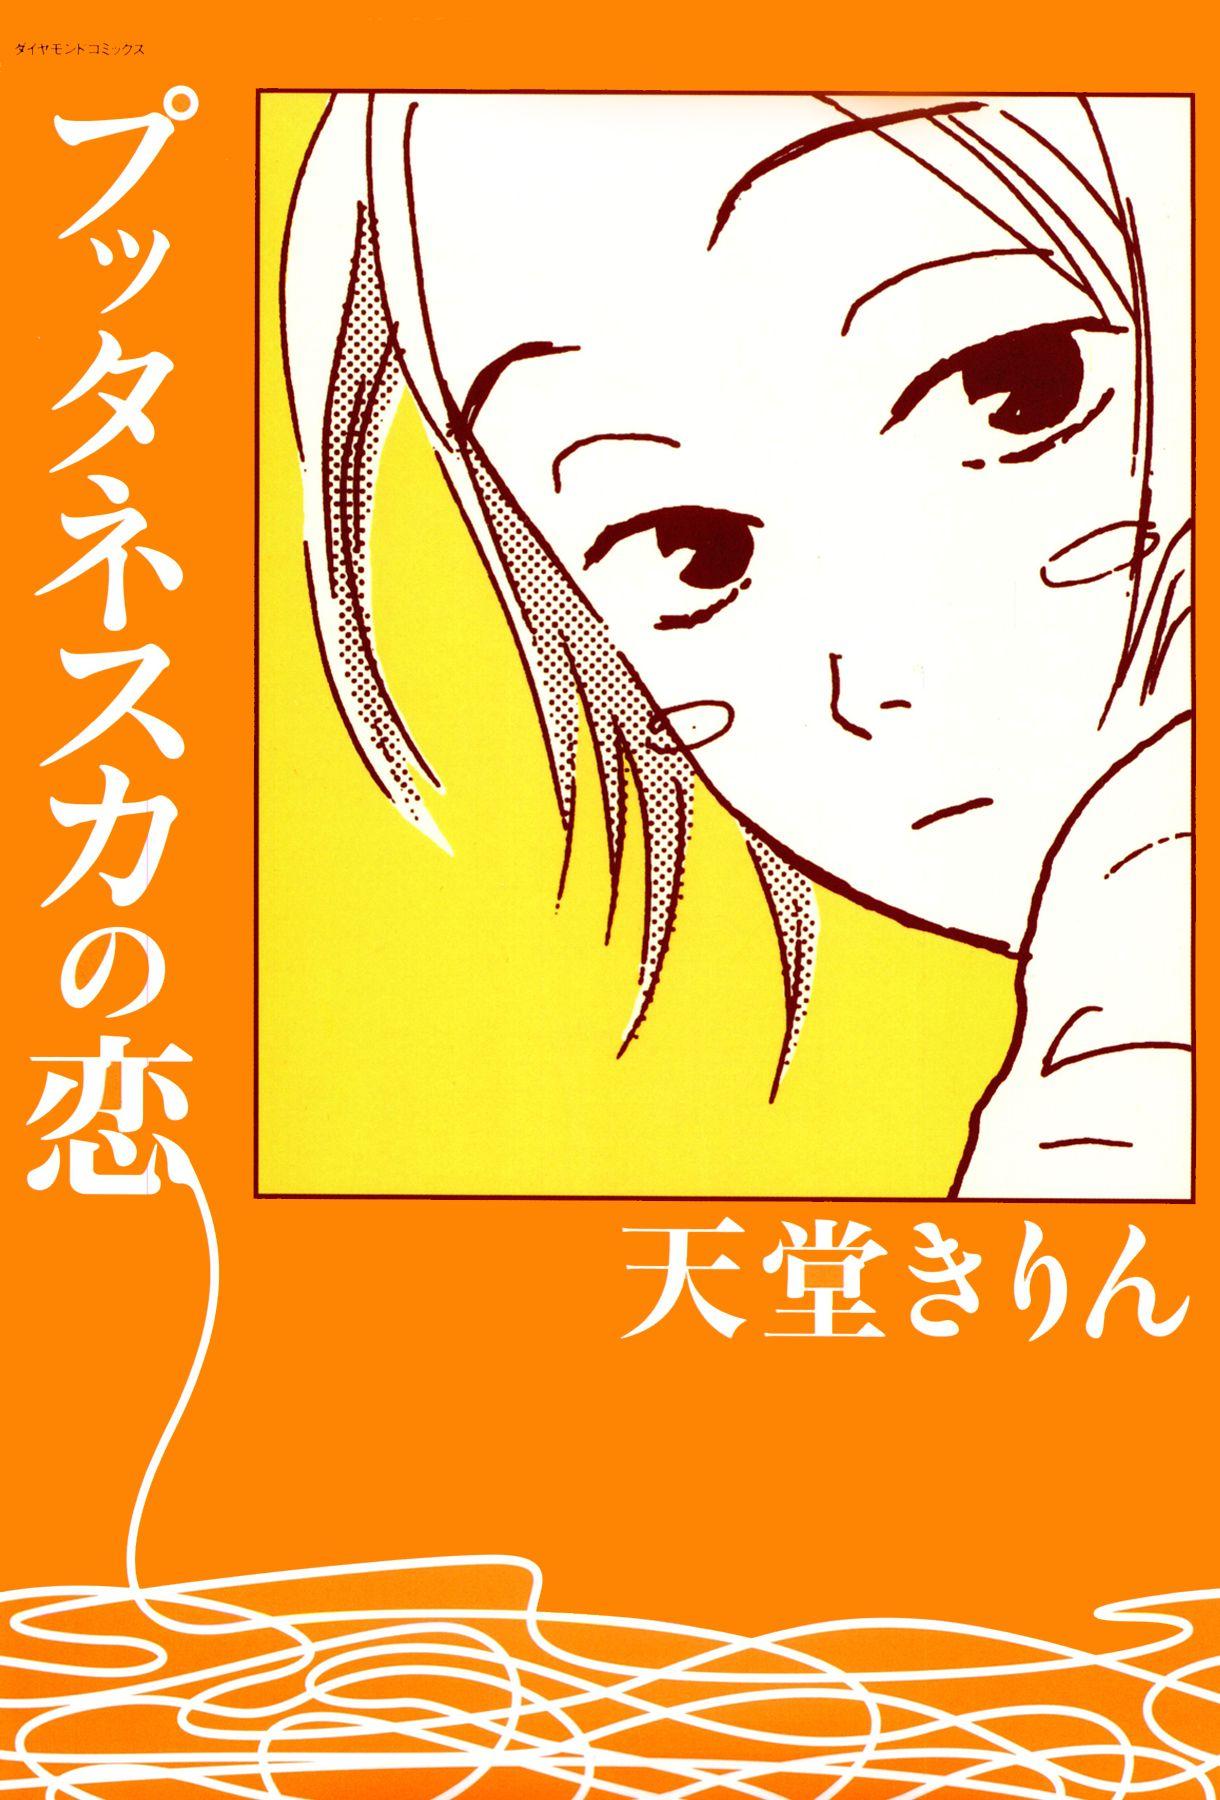 プッタネスカの恋(第1巻)